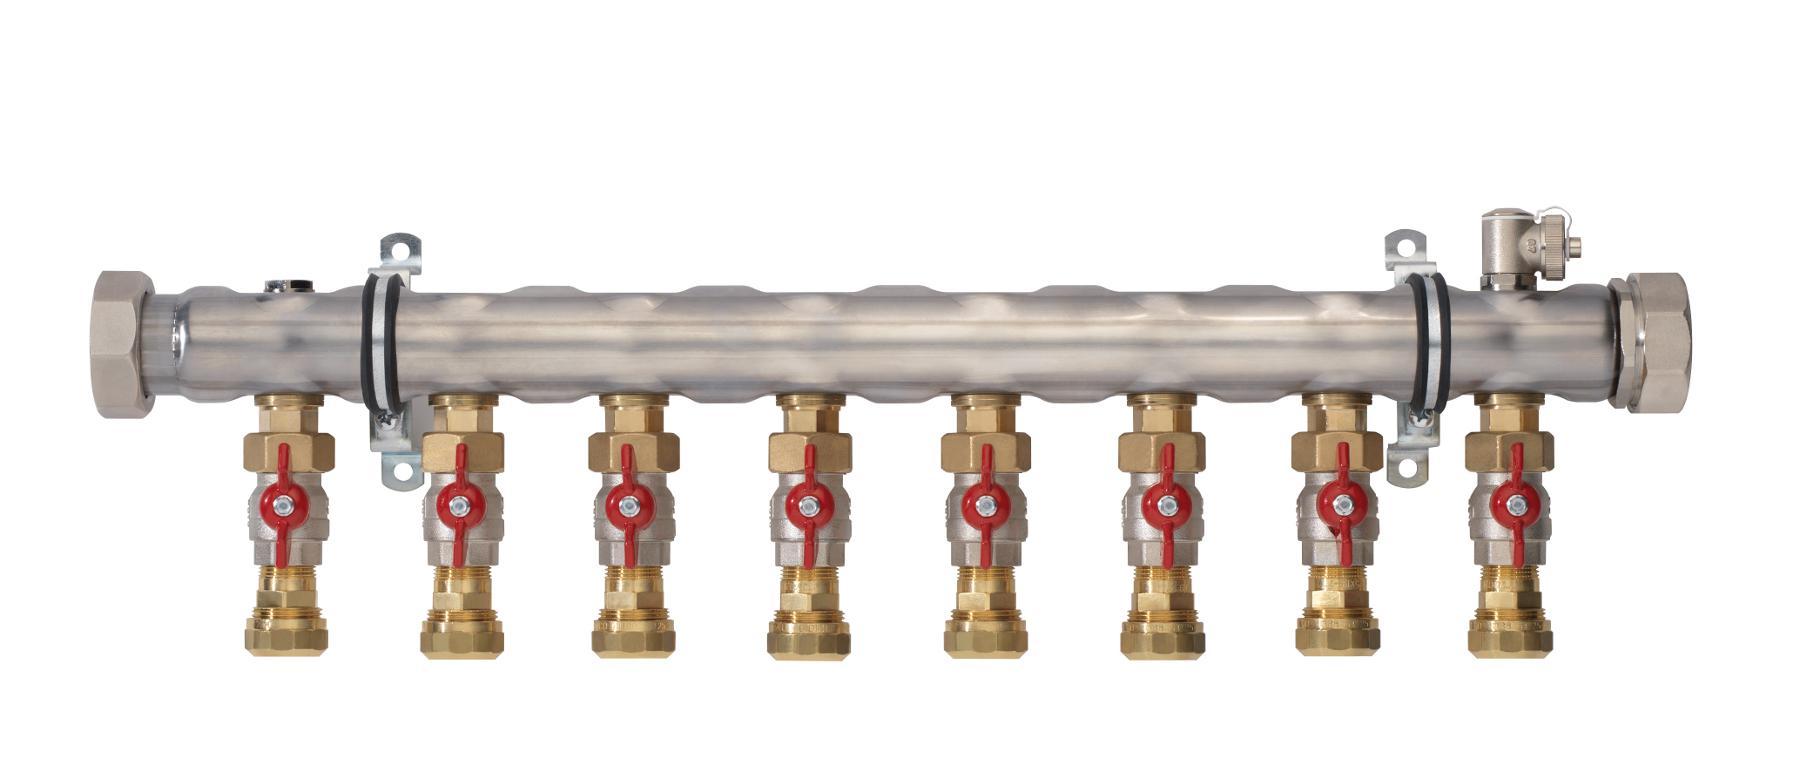 Промышленный коллектор с регулирующими вентилями на 10 контуров